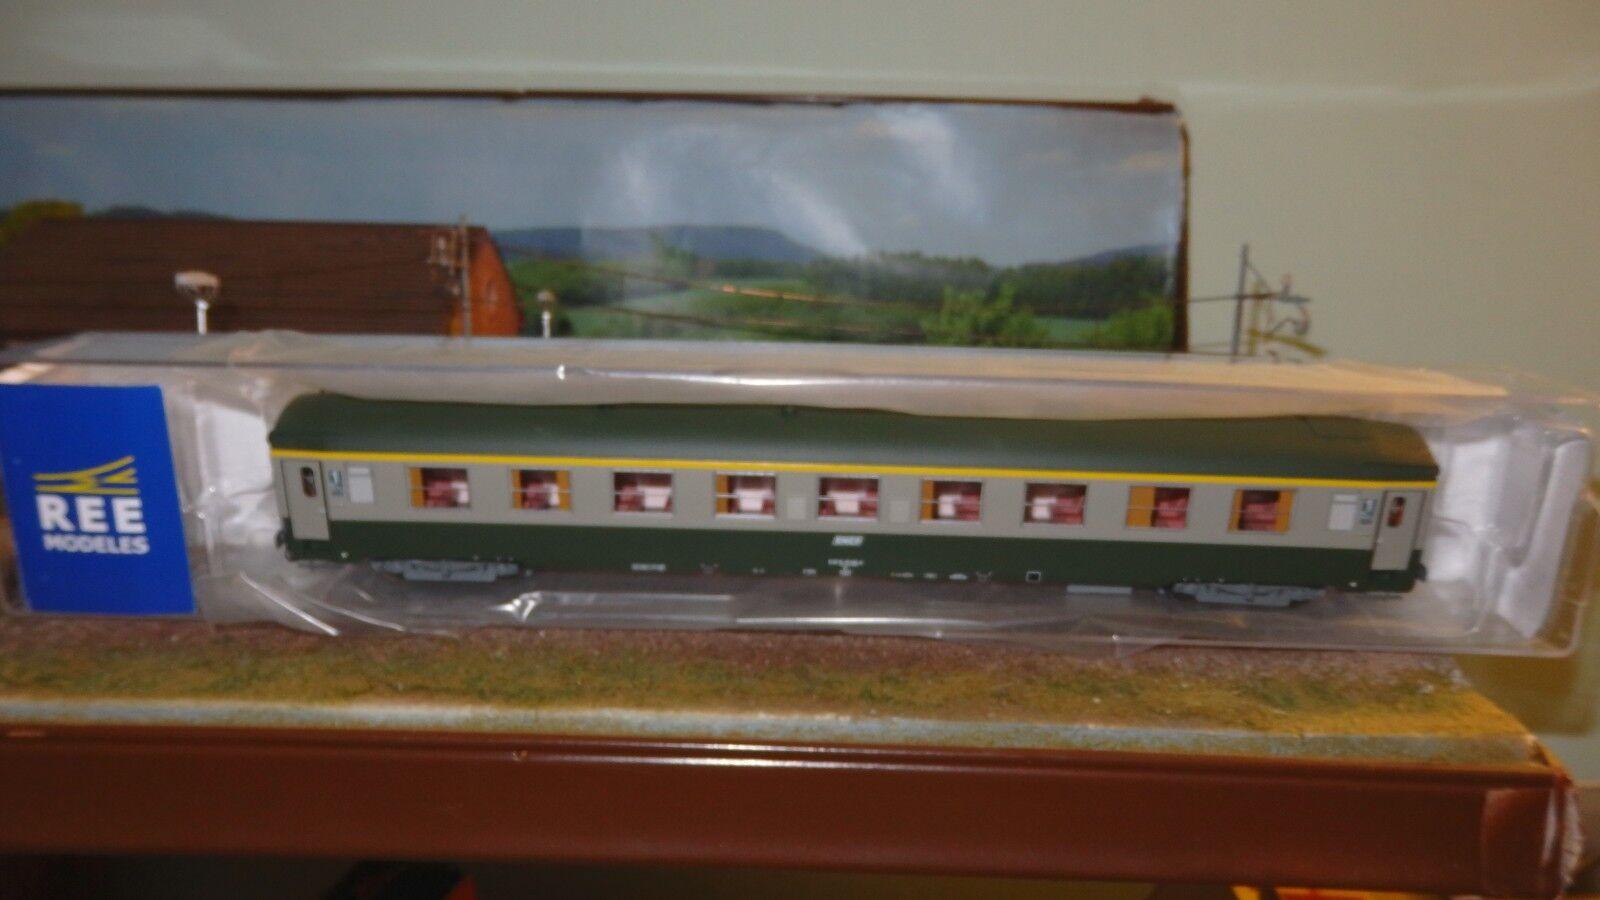 REE Modeles VB-123 UIC-Y 1 CL.  A9 livrea verde 302/grigio beton, logo encadré